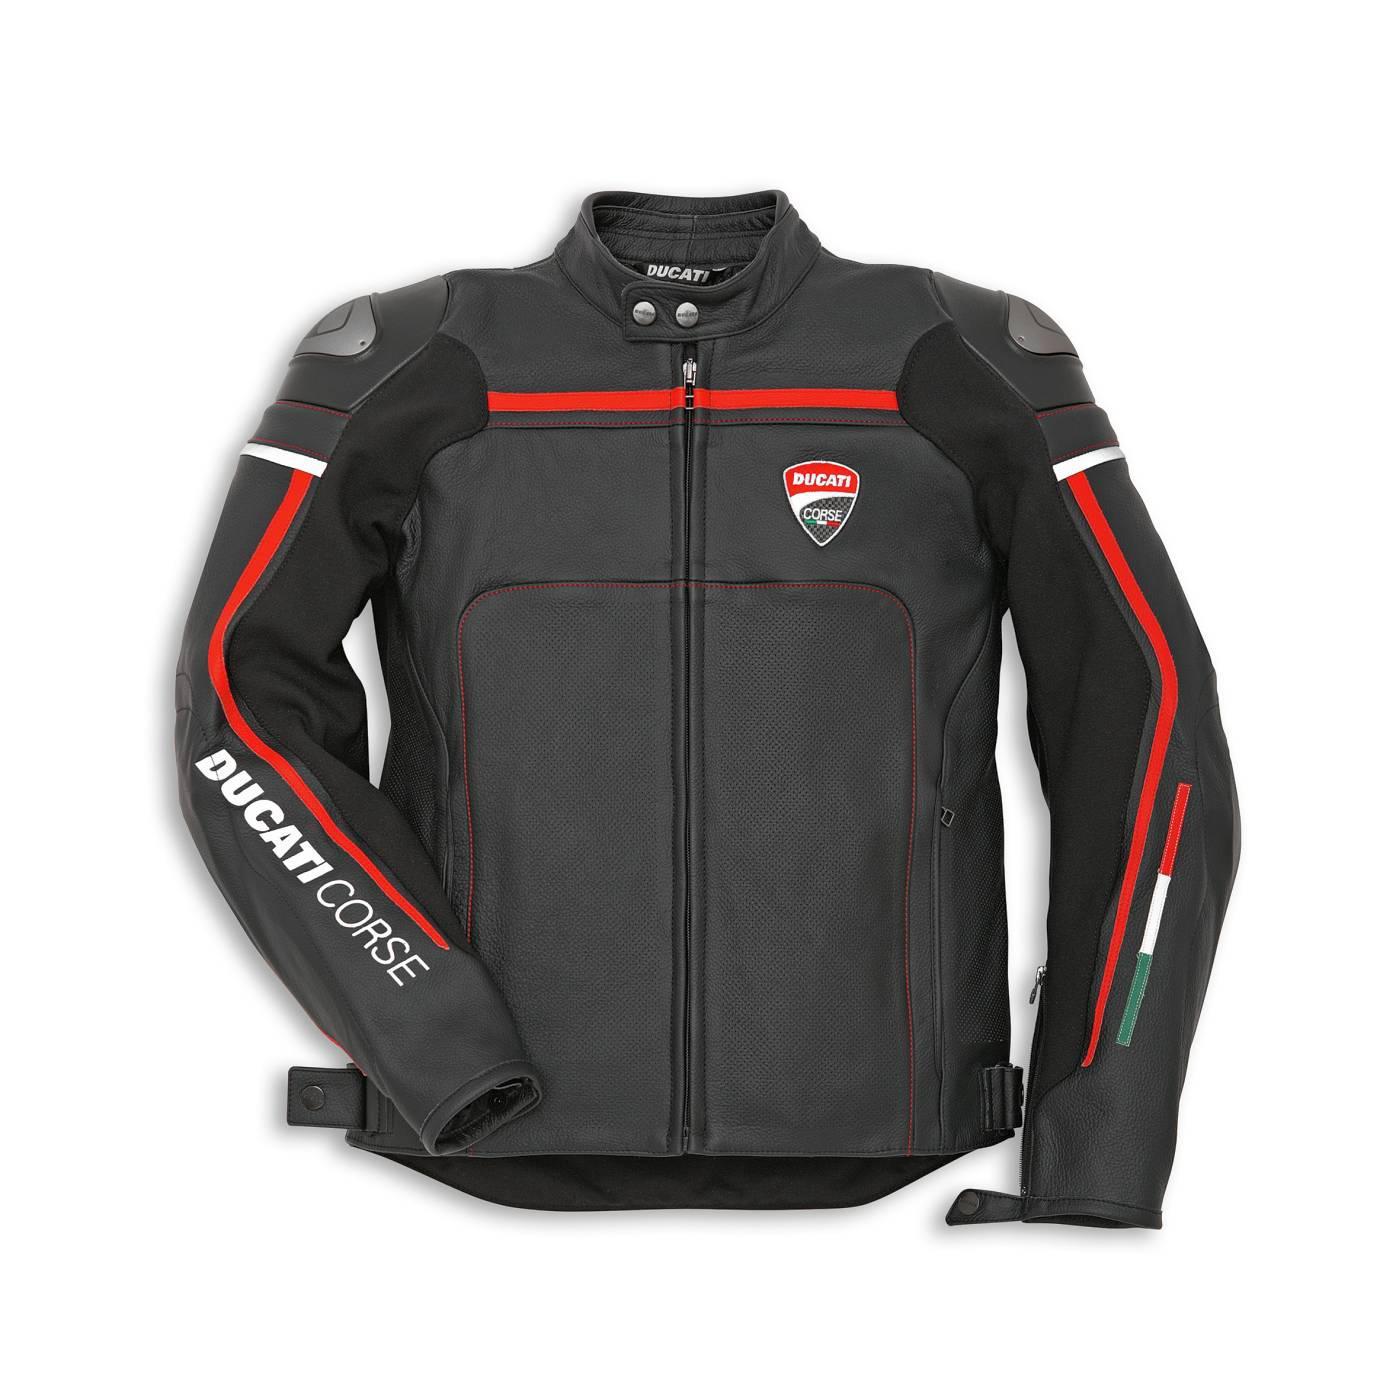 Ducati Hi Tech Jacket